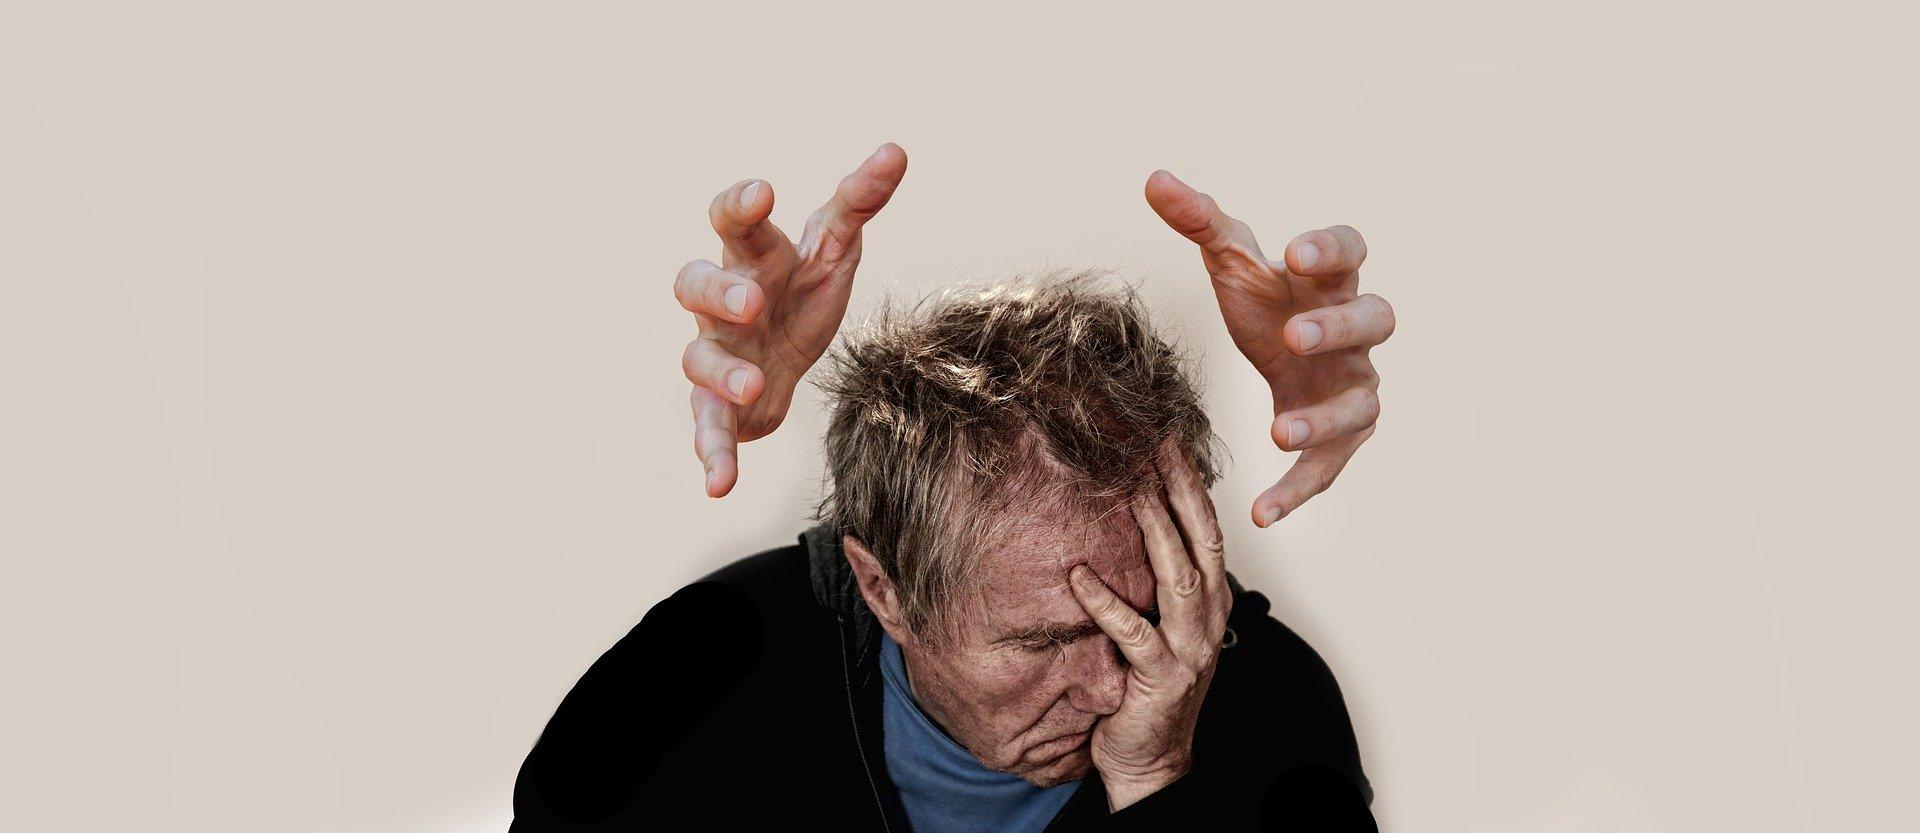 Kdaj nam lahko pomaga psiholog?